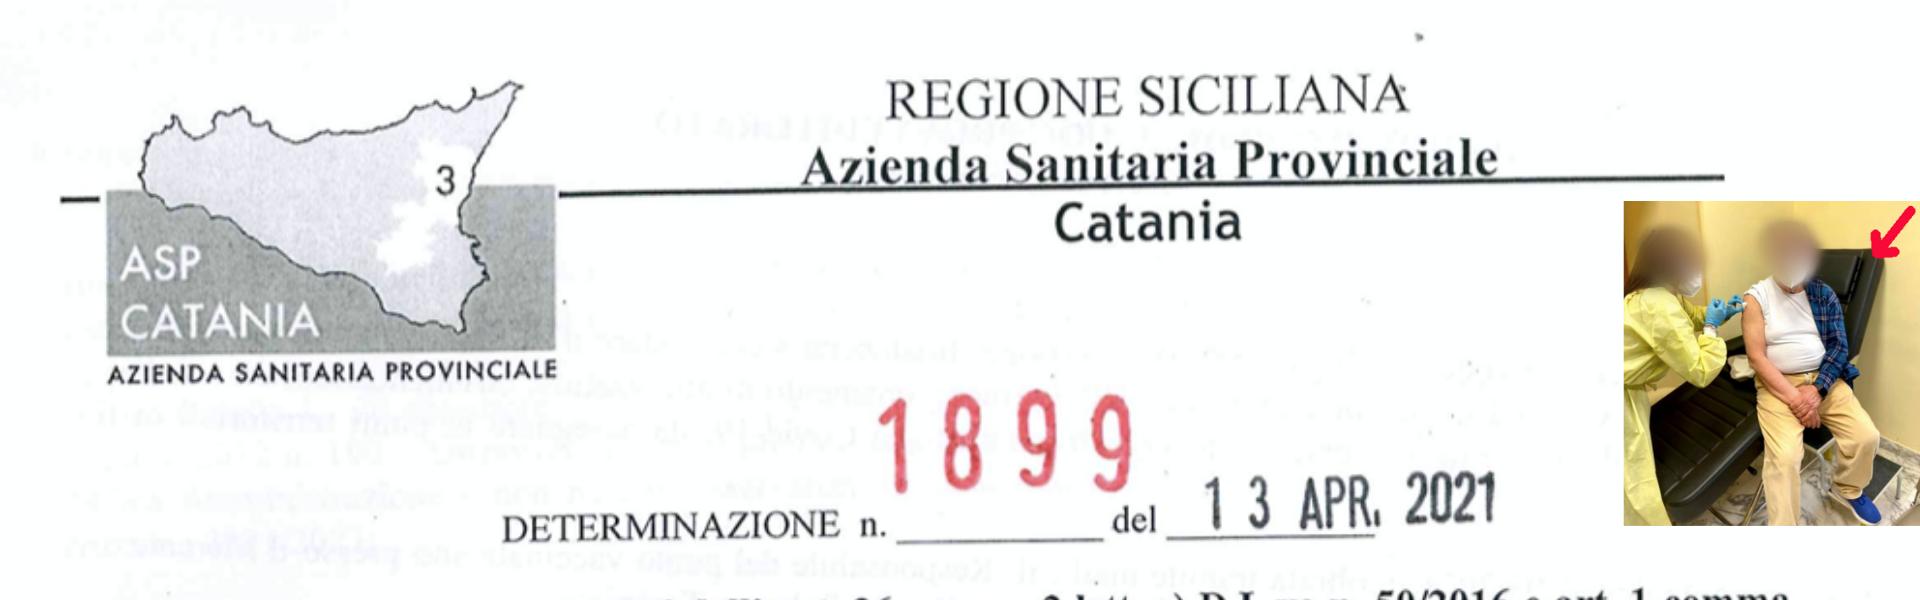 """Regione siciliana: perché l'IRFIS dà incarichi ai dipendenti del presidente Musumeci? Dopo la portavoce Giuffrida anche il suo """"social manager"""" Tony Siino"""